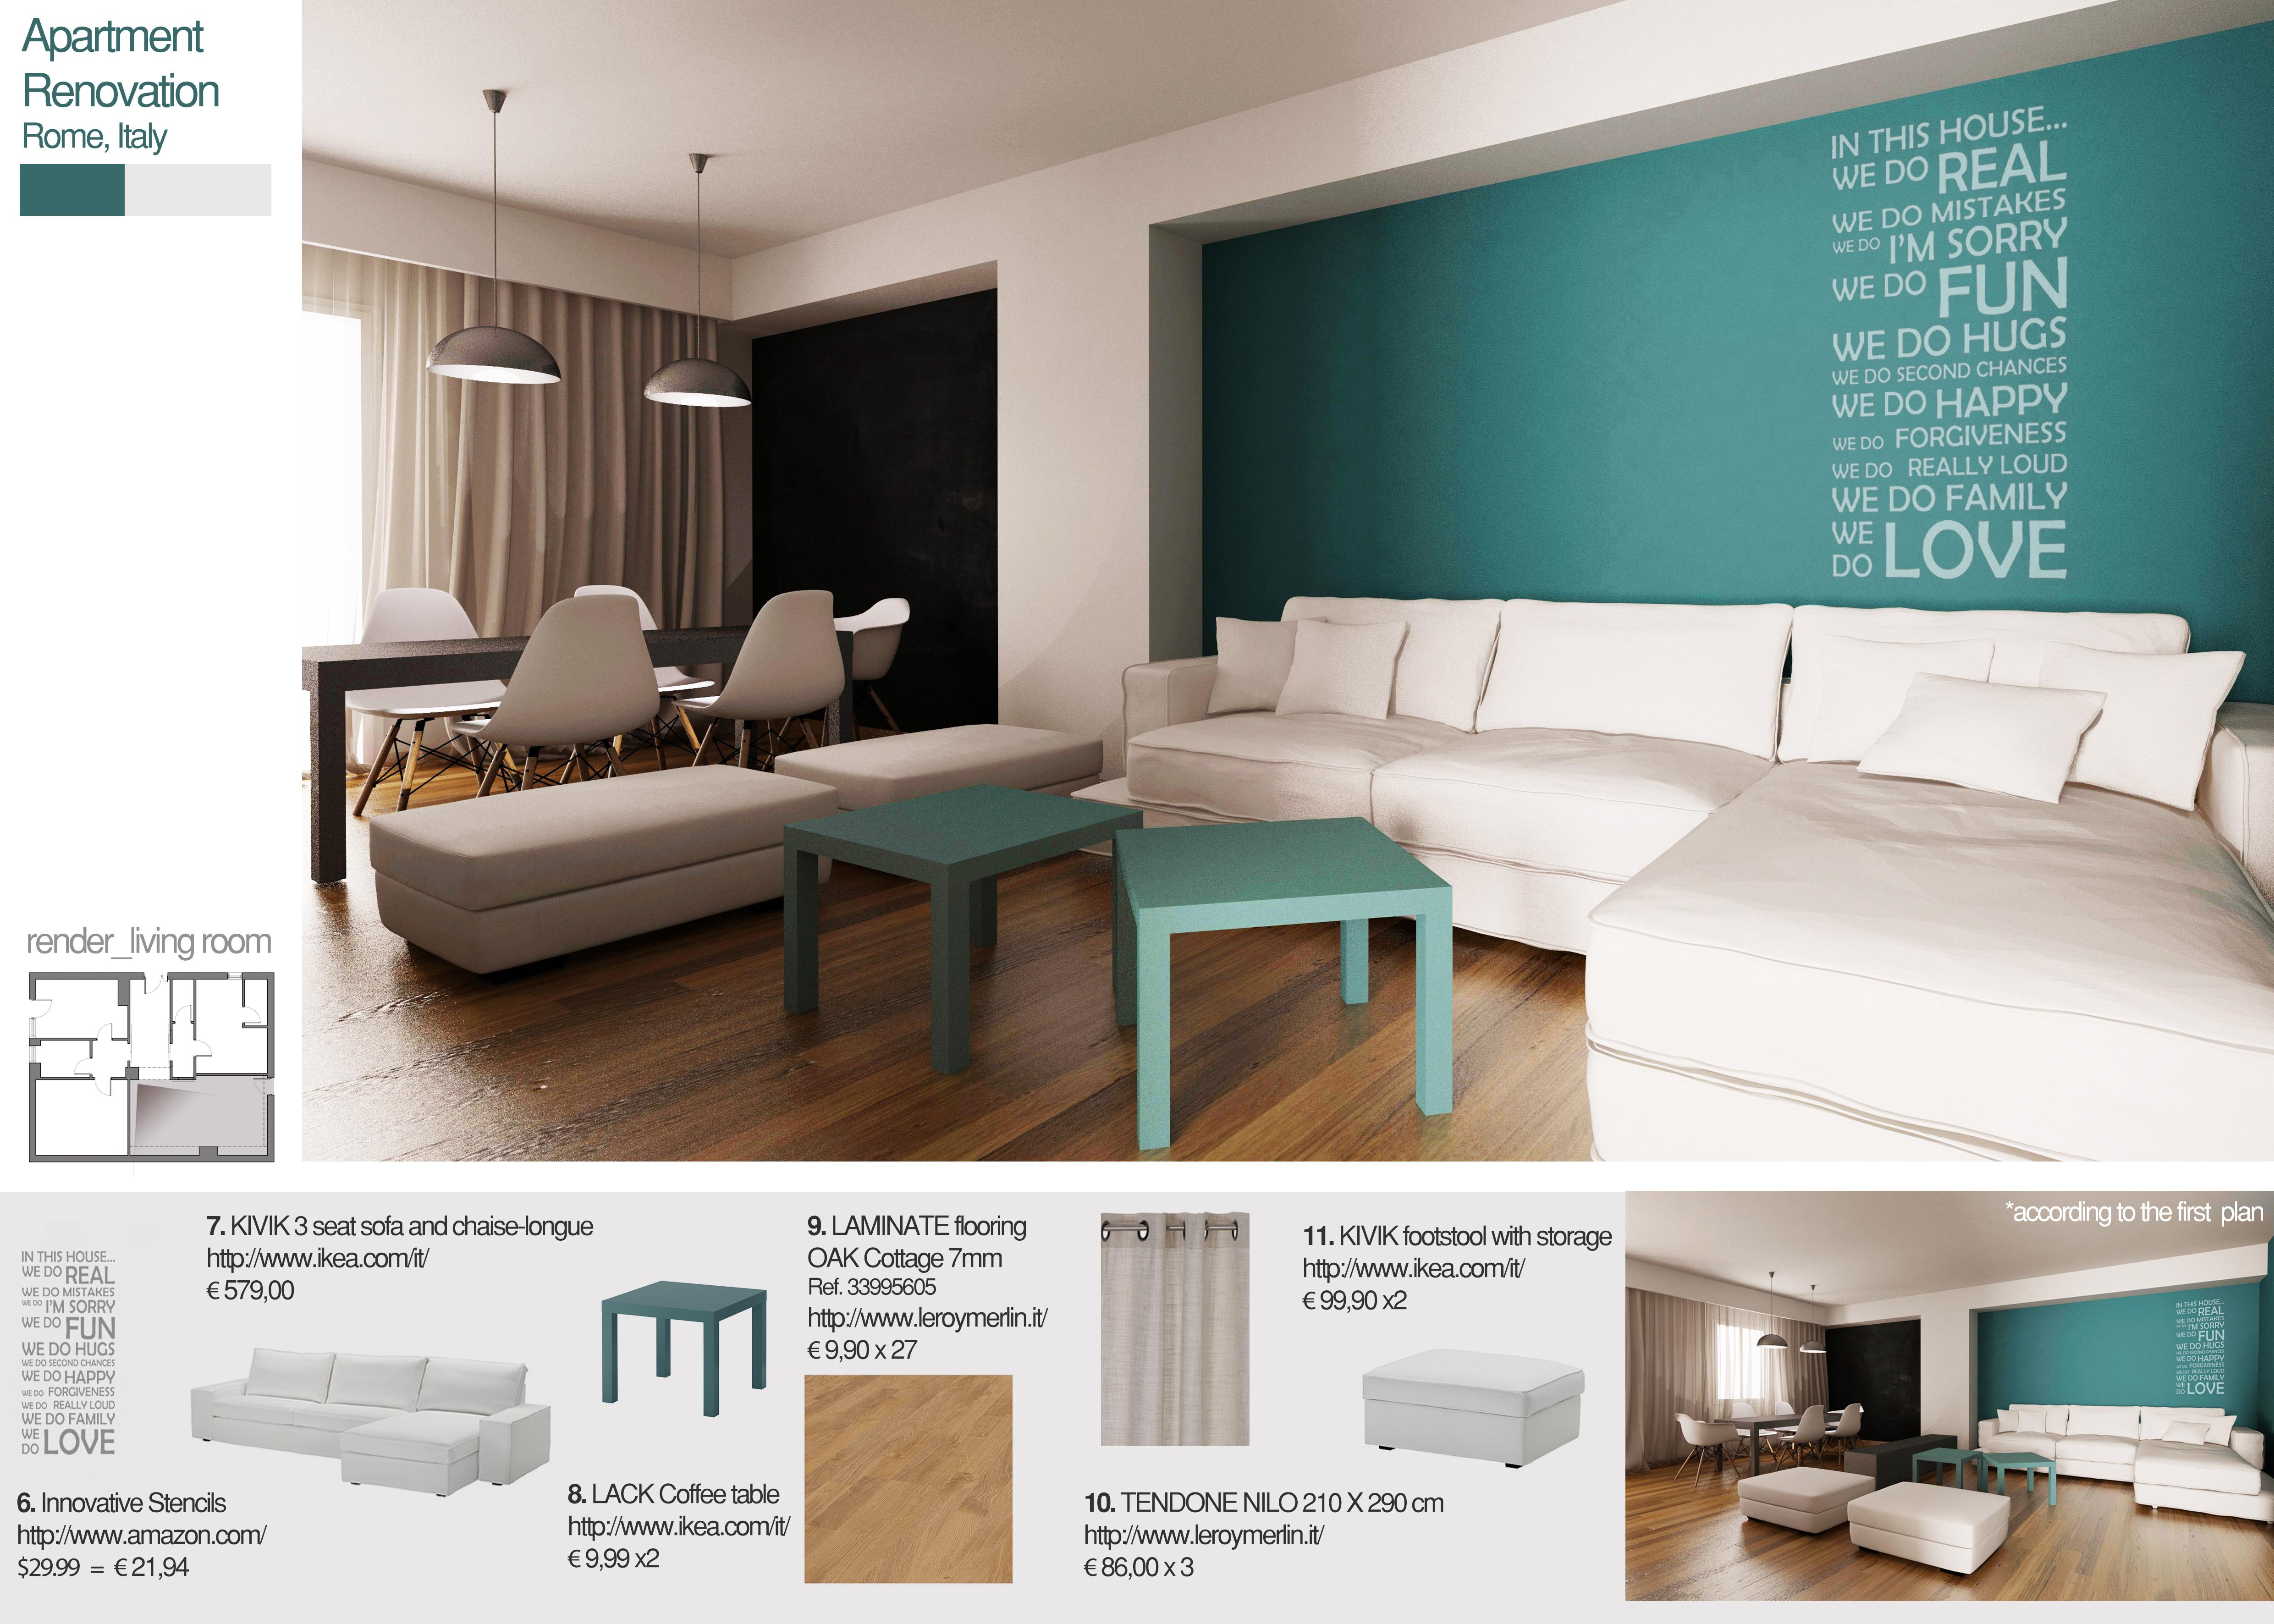 Idee X Rinnovare Casa.6 Idee Per Rinnovare Casa E Venderla Piu Facilmente Fotogallery